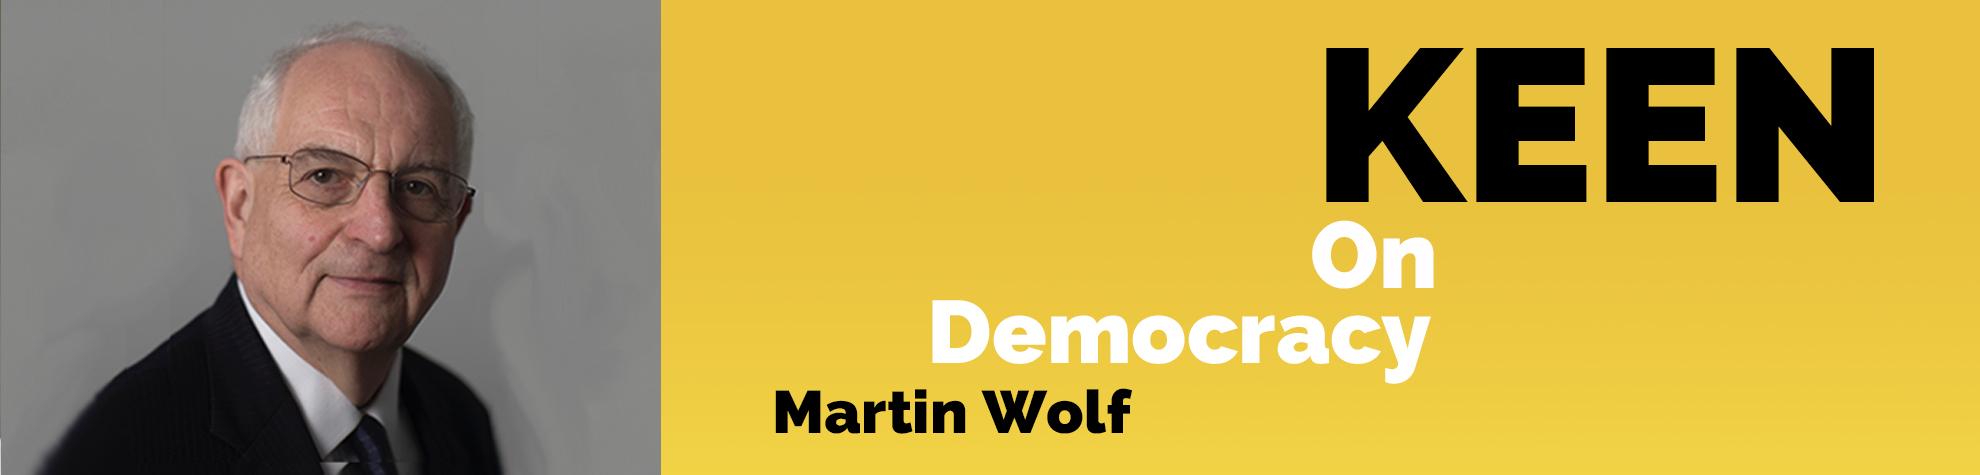 martin wolf.jpg